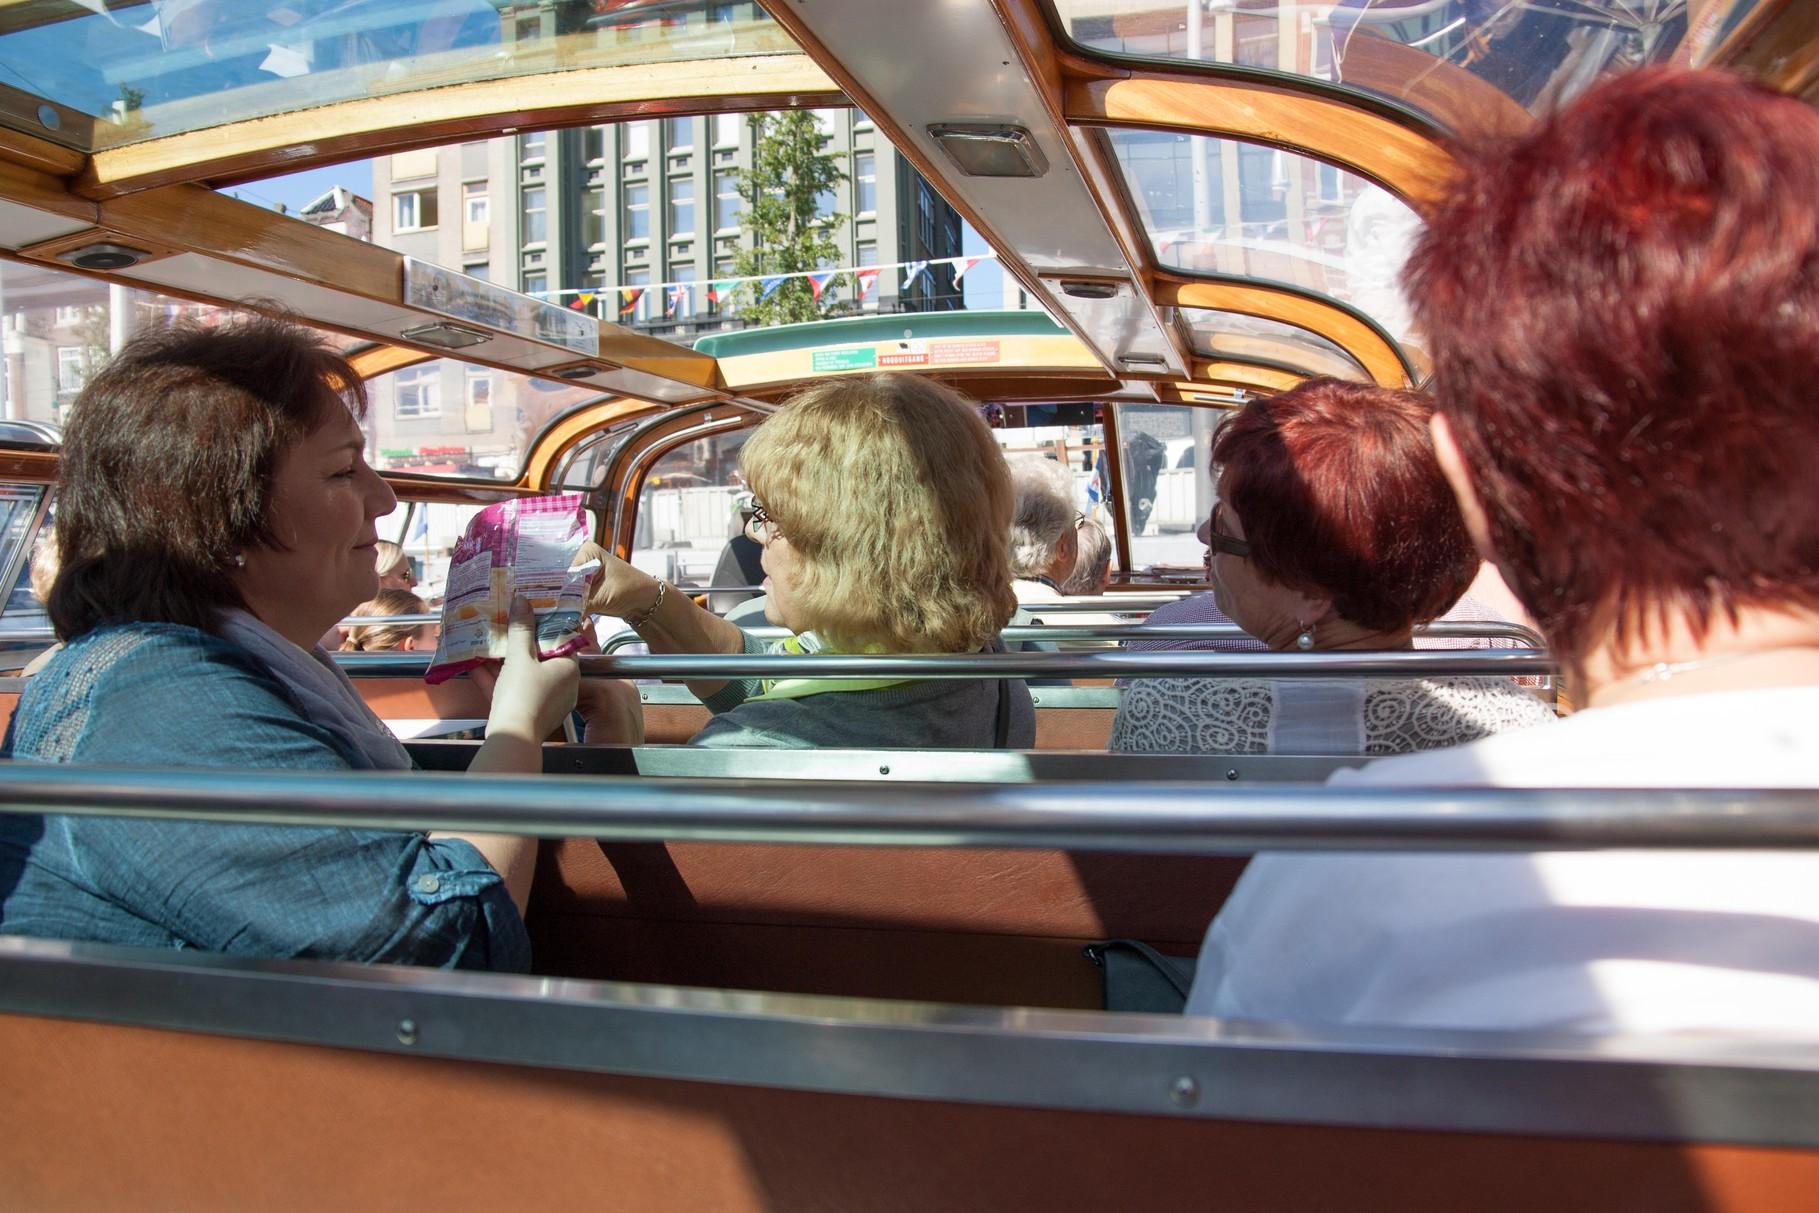 Fahrt mit dem Glasboot durch die Grachten Amsterdams